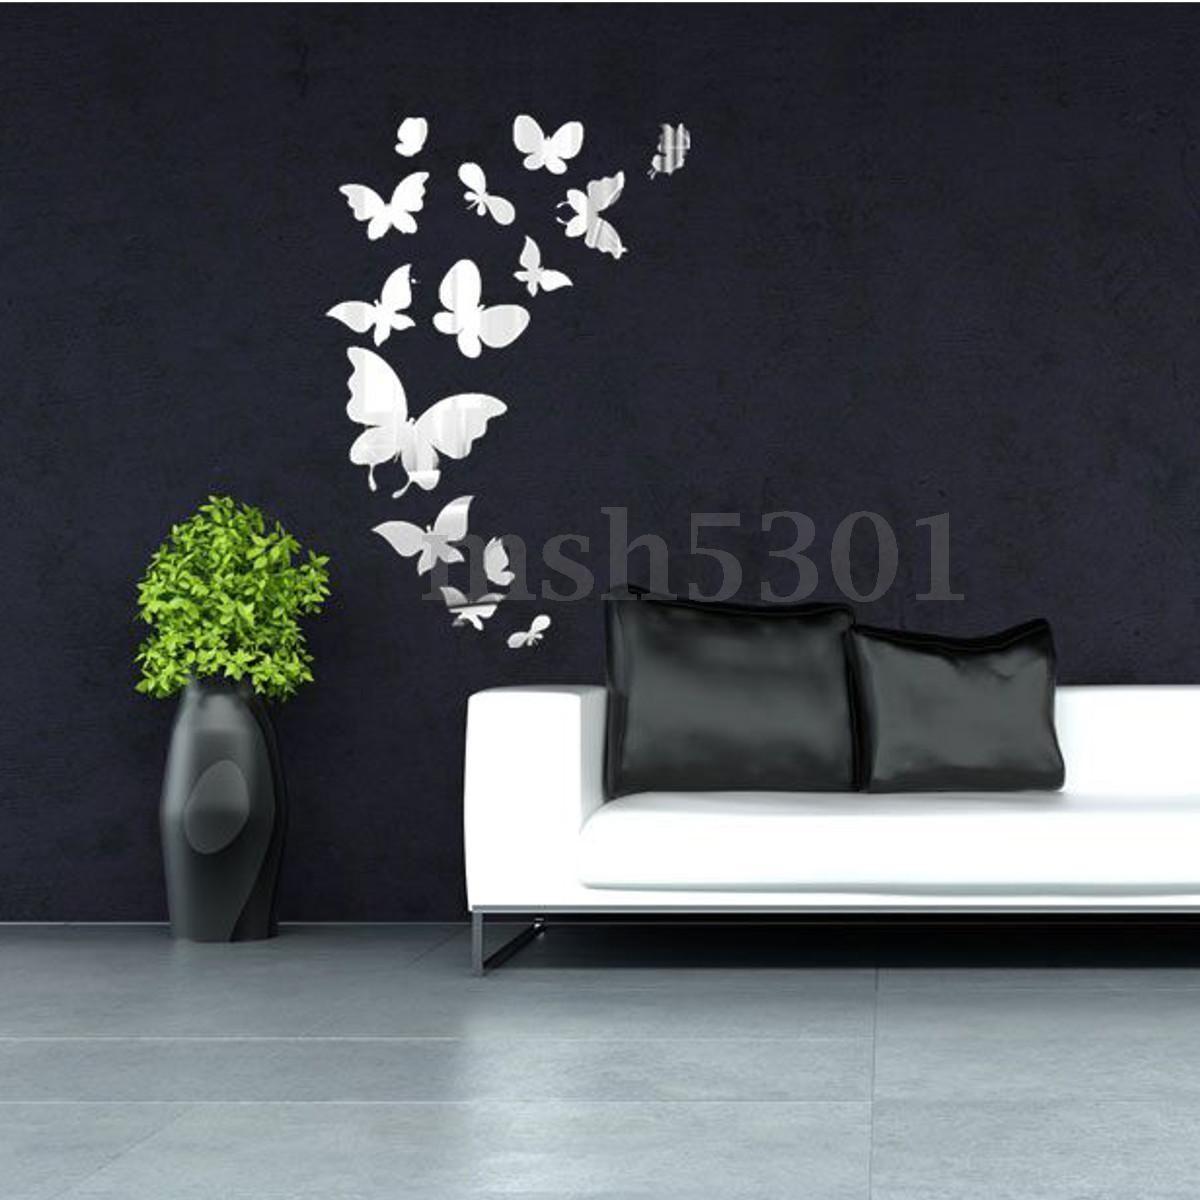 Diy d mirror fairy star butterfly acrylic removable home decor art